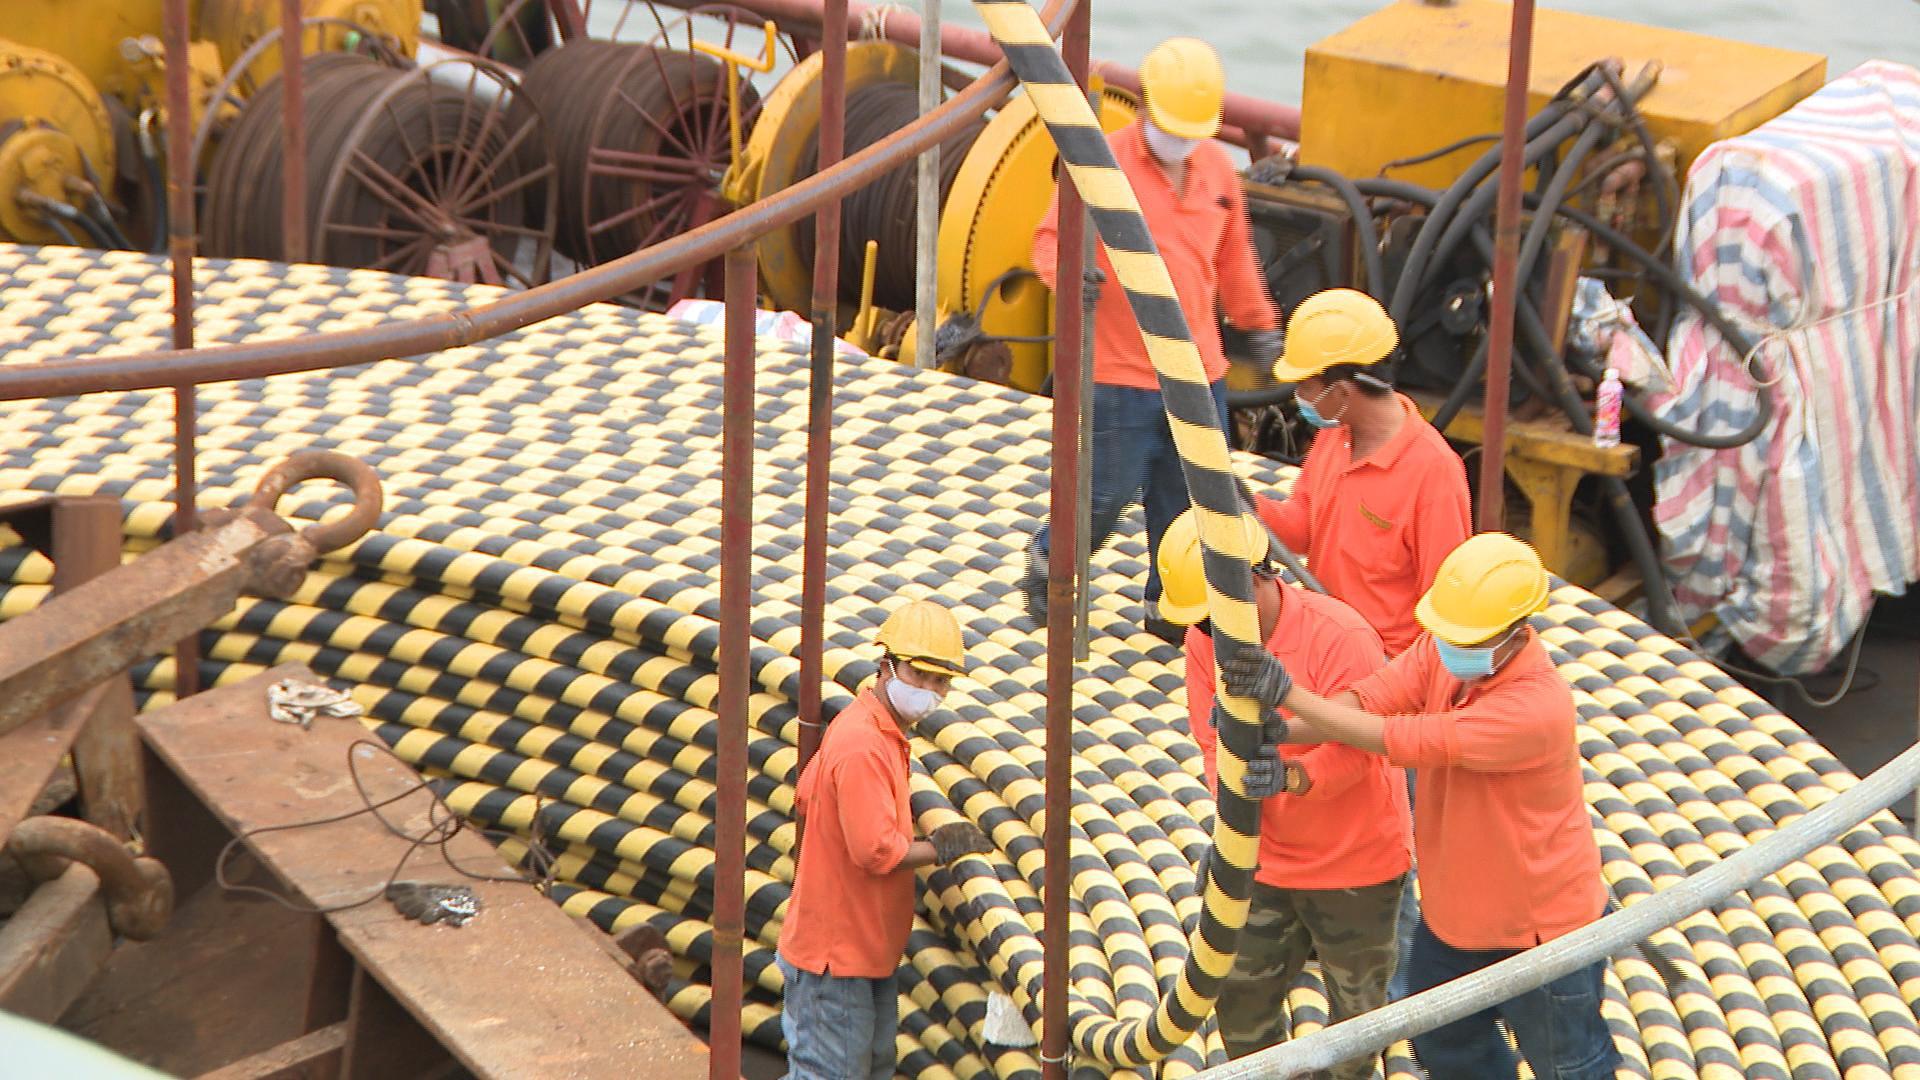 Quảng Ninh: Đảo Trần sẽ có điện lưới quốc gia vào cuối năm 2020 - Ảnh 1.